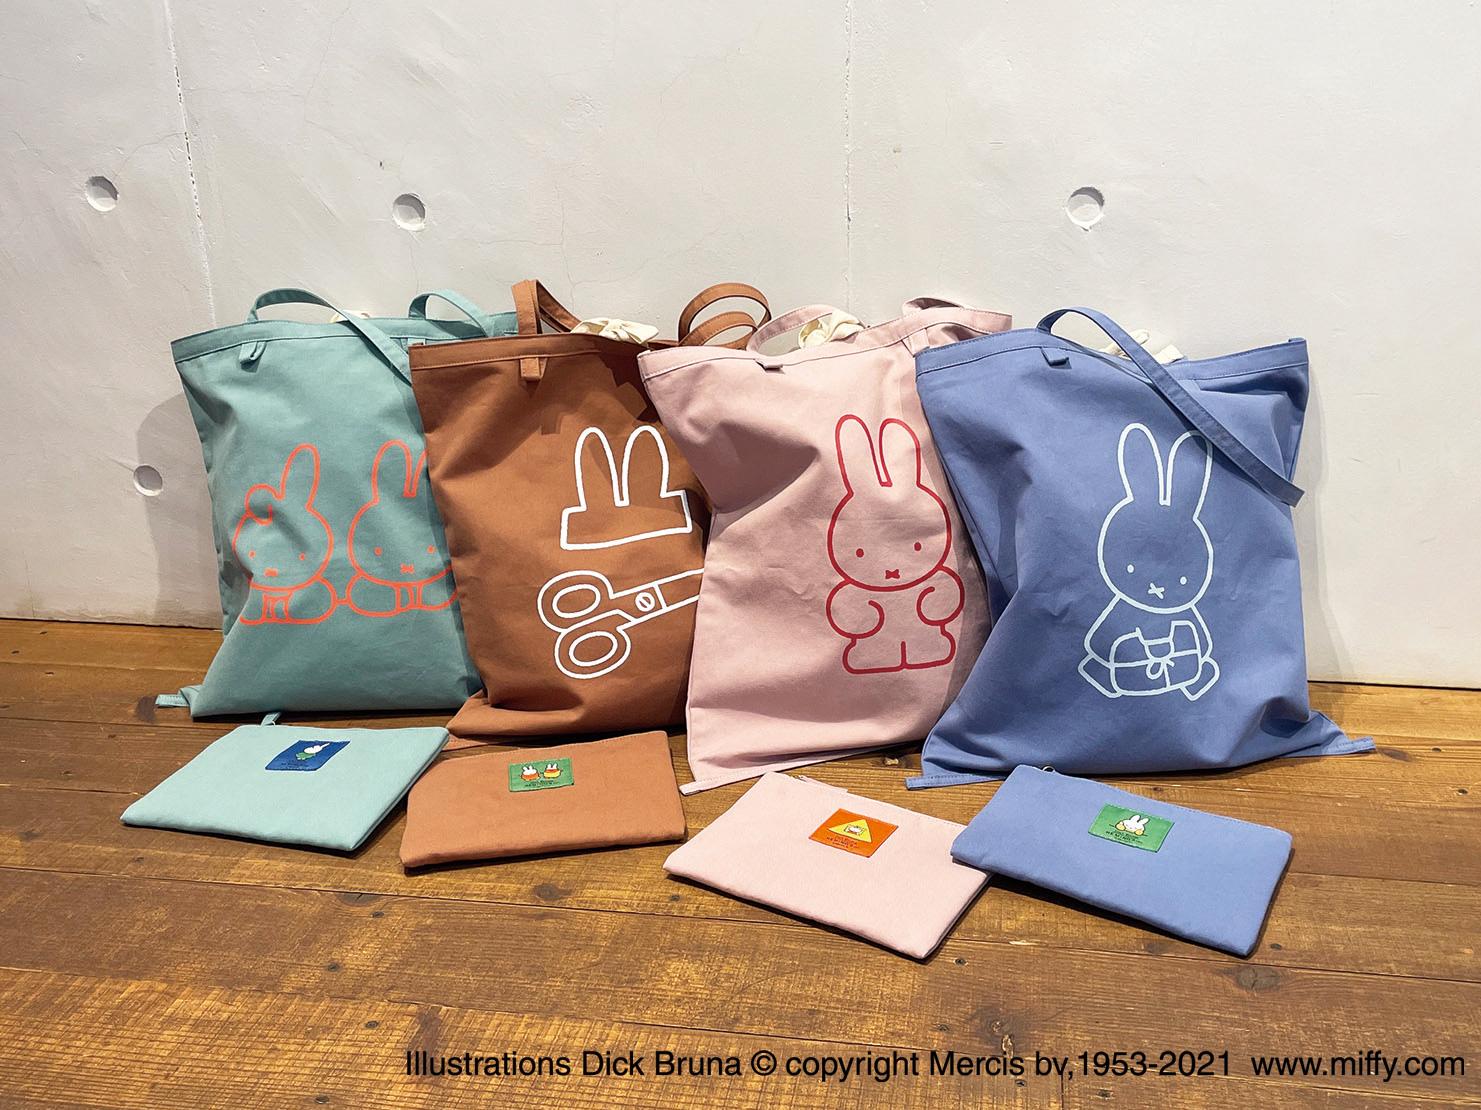 お気に入りの絵本を集めるようにコレクションしたい miffy のバッグ。シンプルなイラストラインのミ... 画像